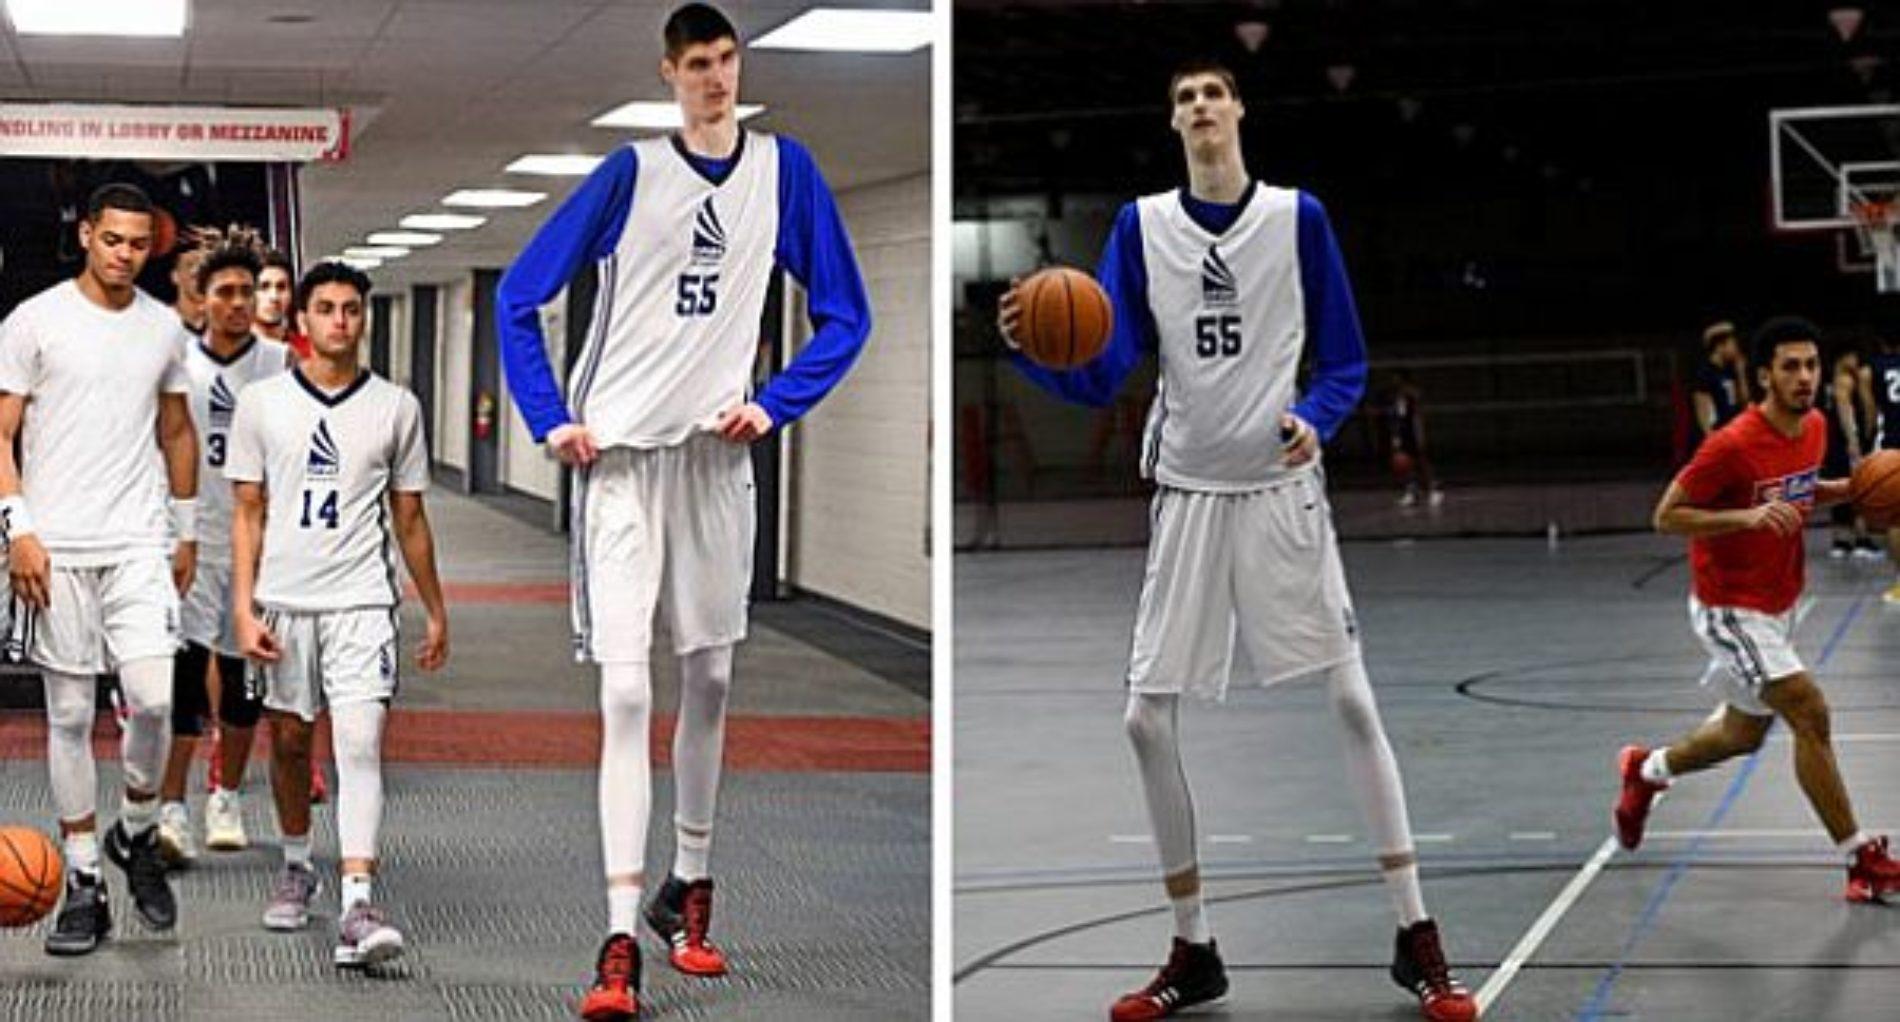 Se llama Robert Bobroczky, y con solo 17 años mide 2,31 metros